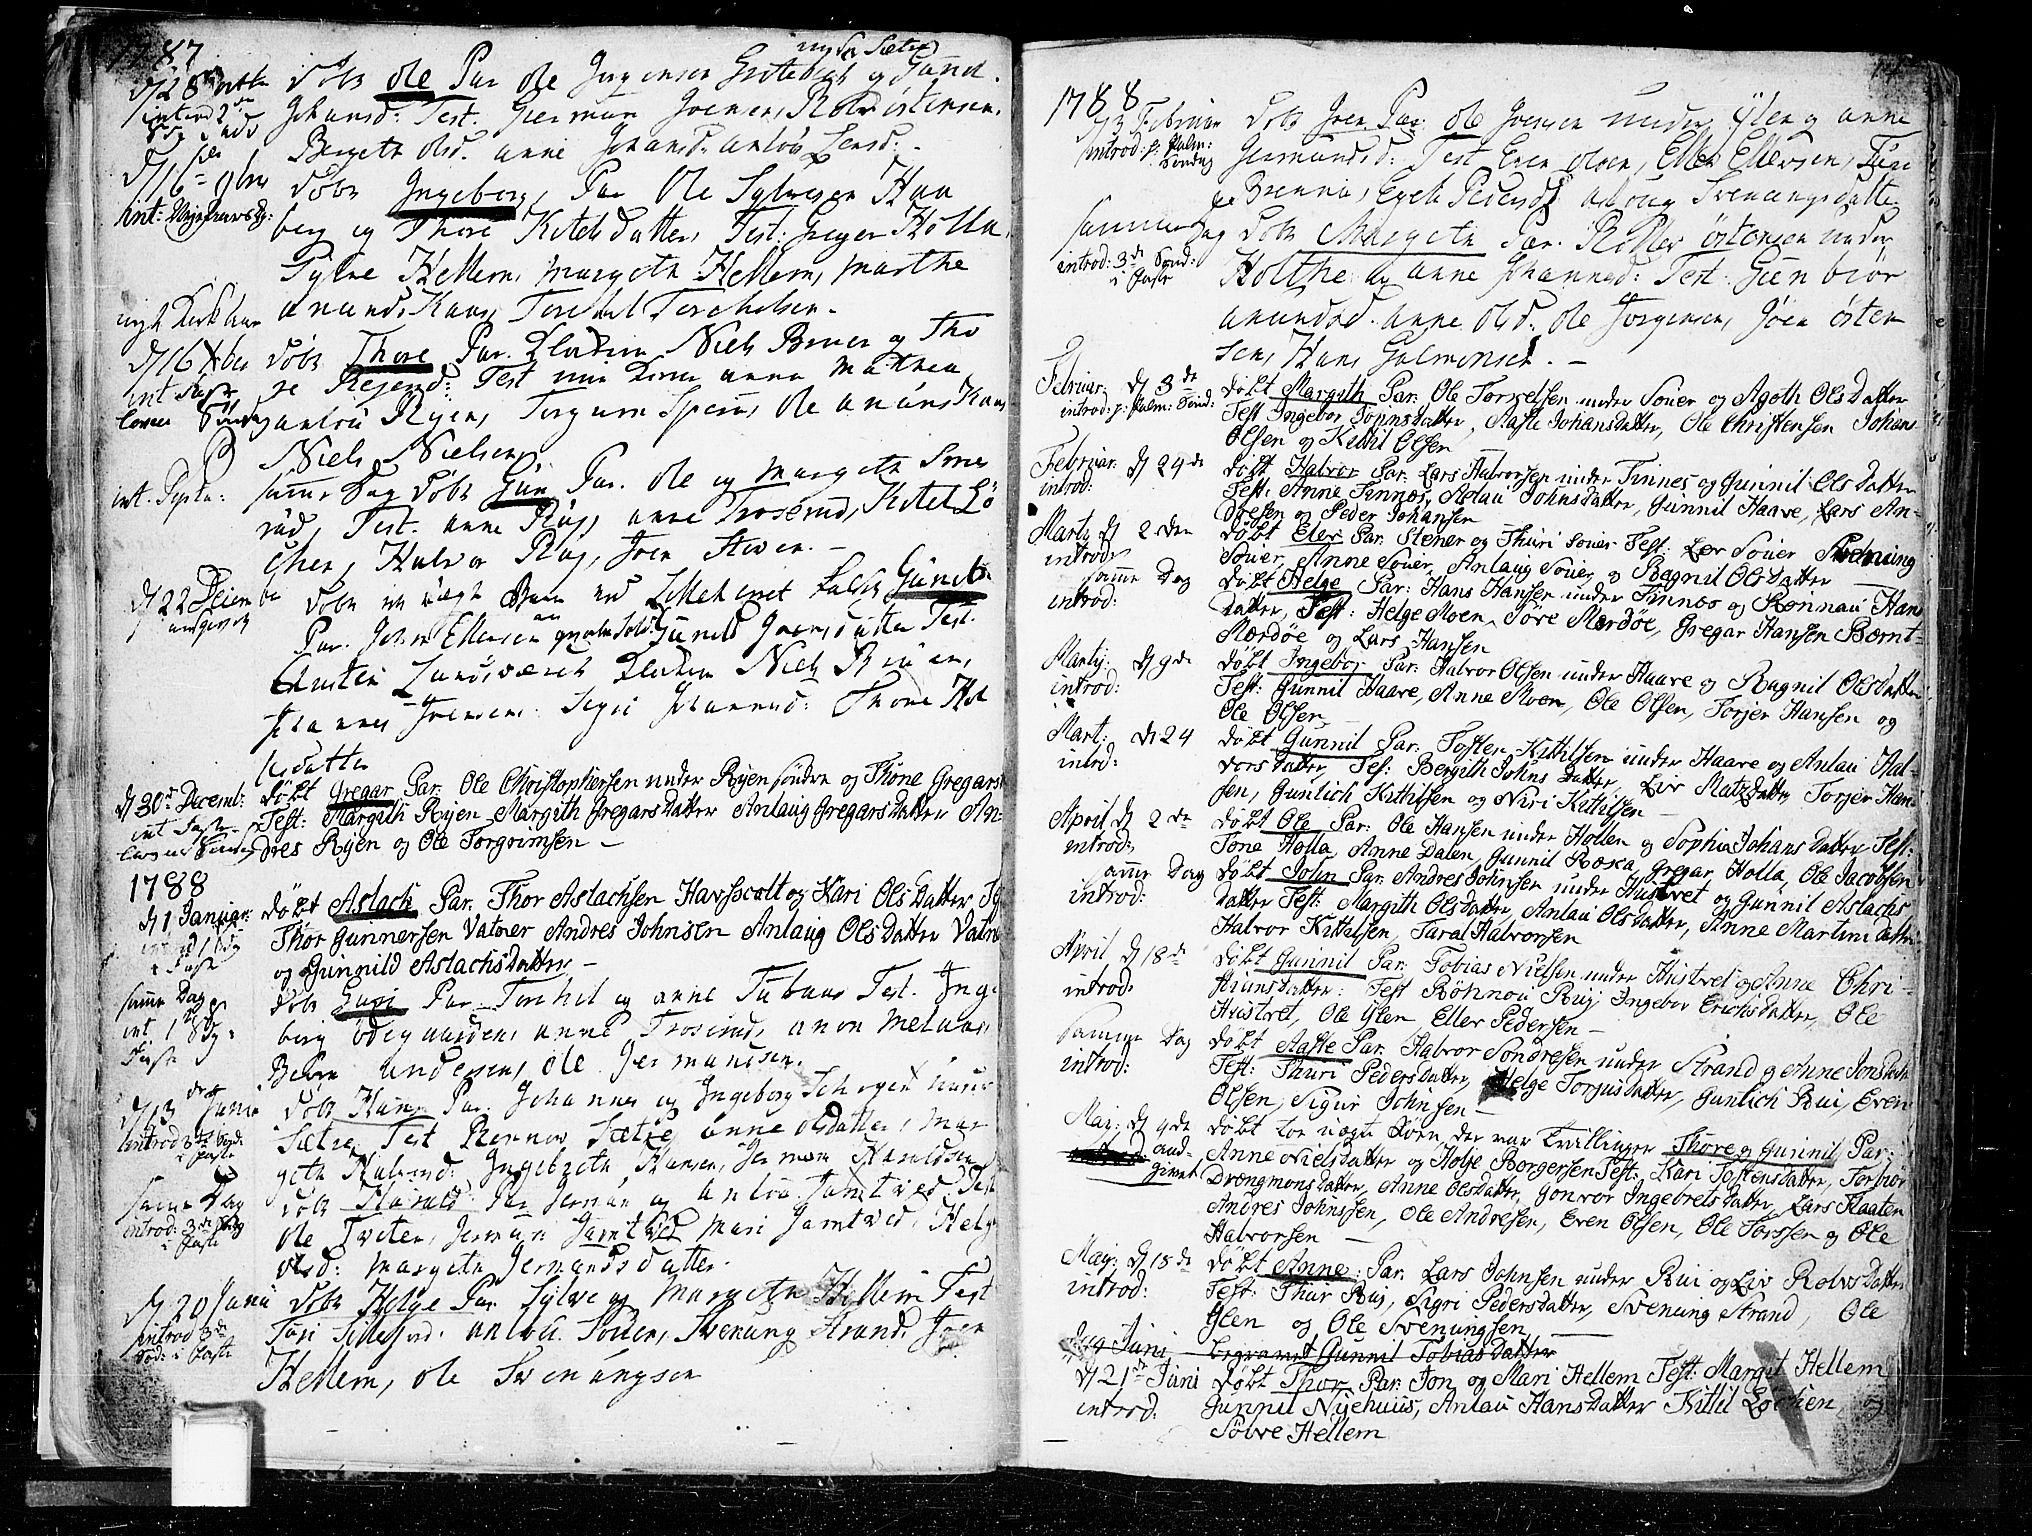 SAKO, Heddal kirkebøker, F/Fa/L0004: Ministerialbok nr. I 4, 1784-1814, s. 14